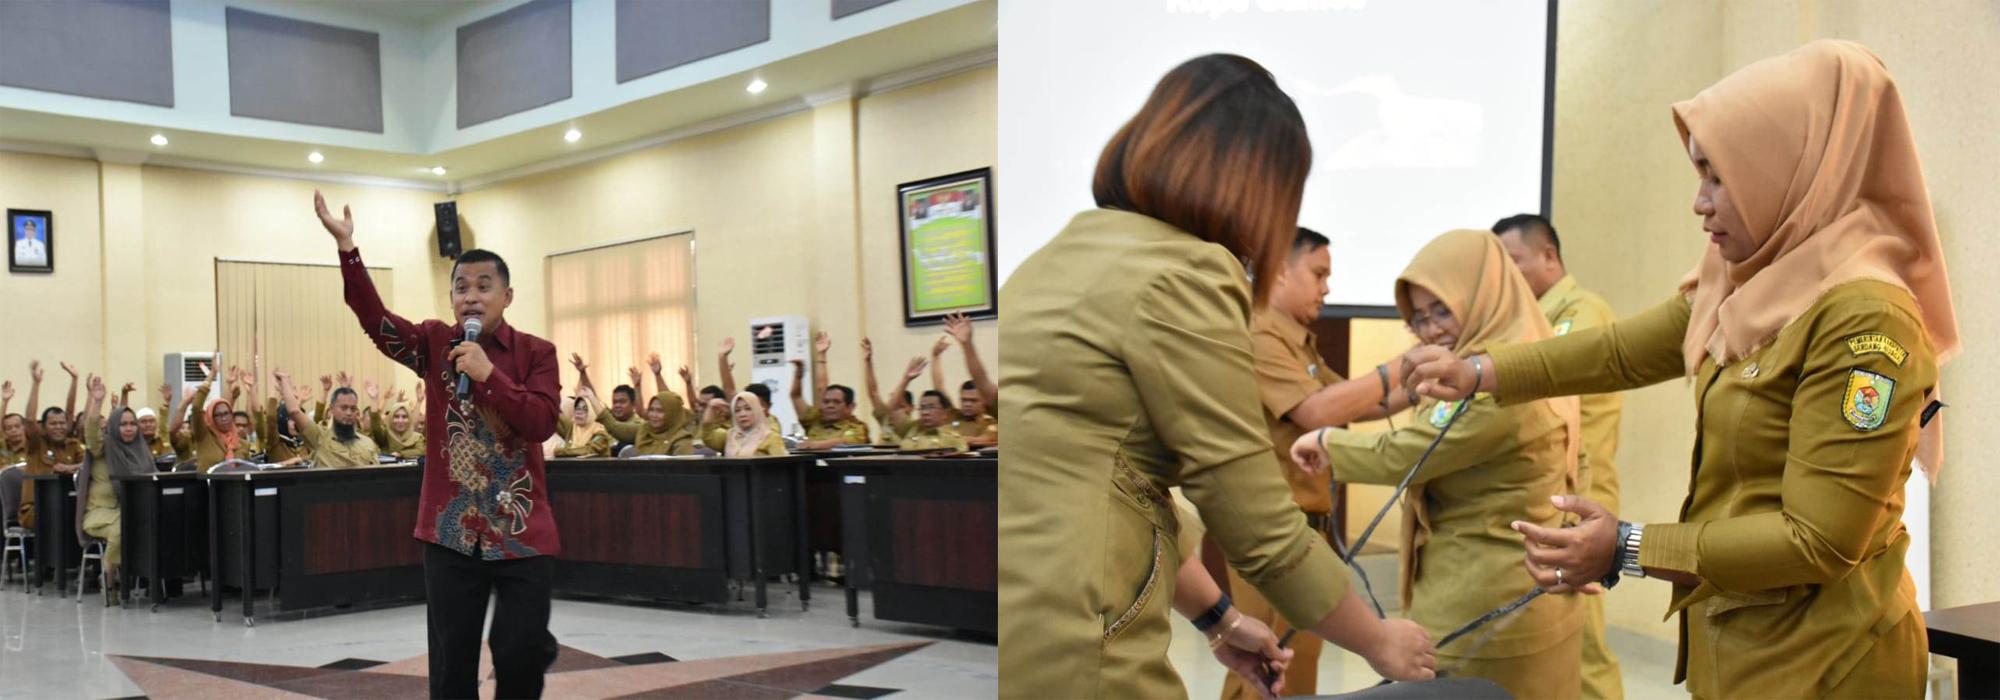 Pejabat Administrator dan Pengawas Dinas Kominfo Sergai Ikuti Seminar Motivasi